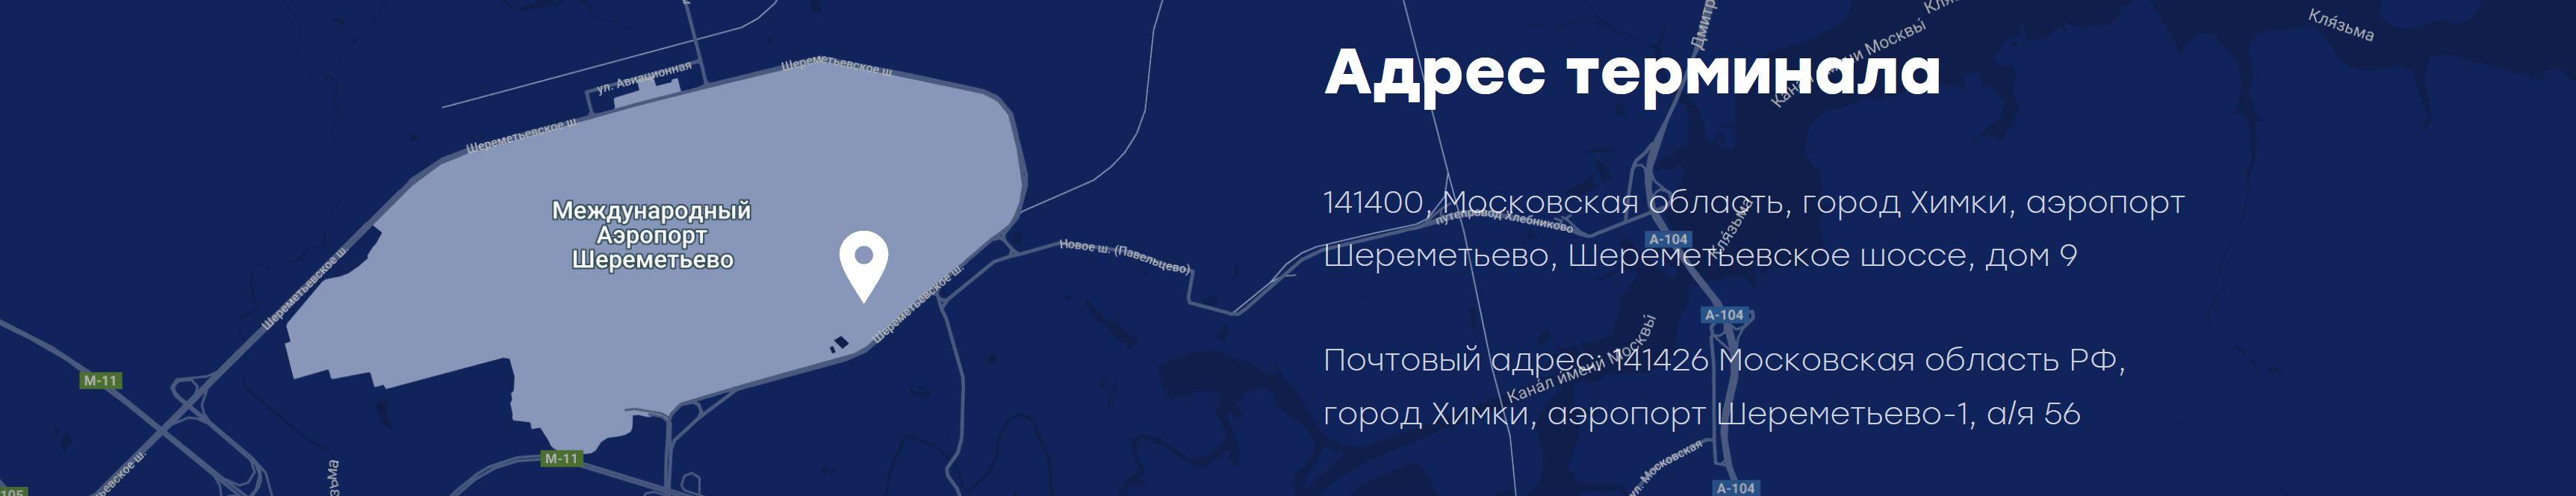 Шереметьево карго адрес терминала и схема презда как добраться Химки аэропорт